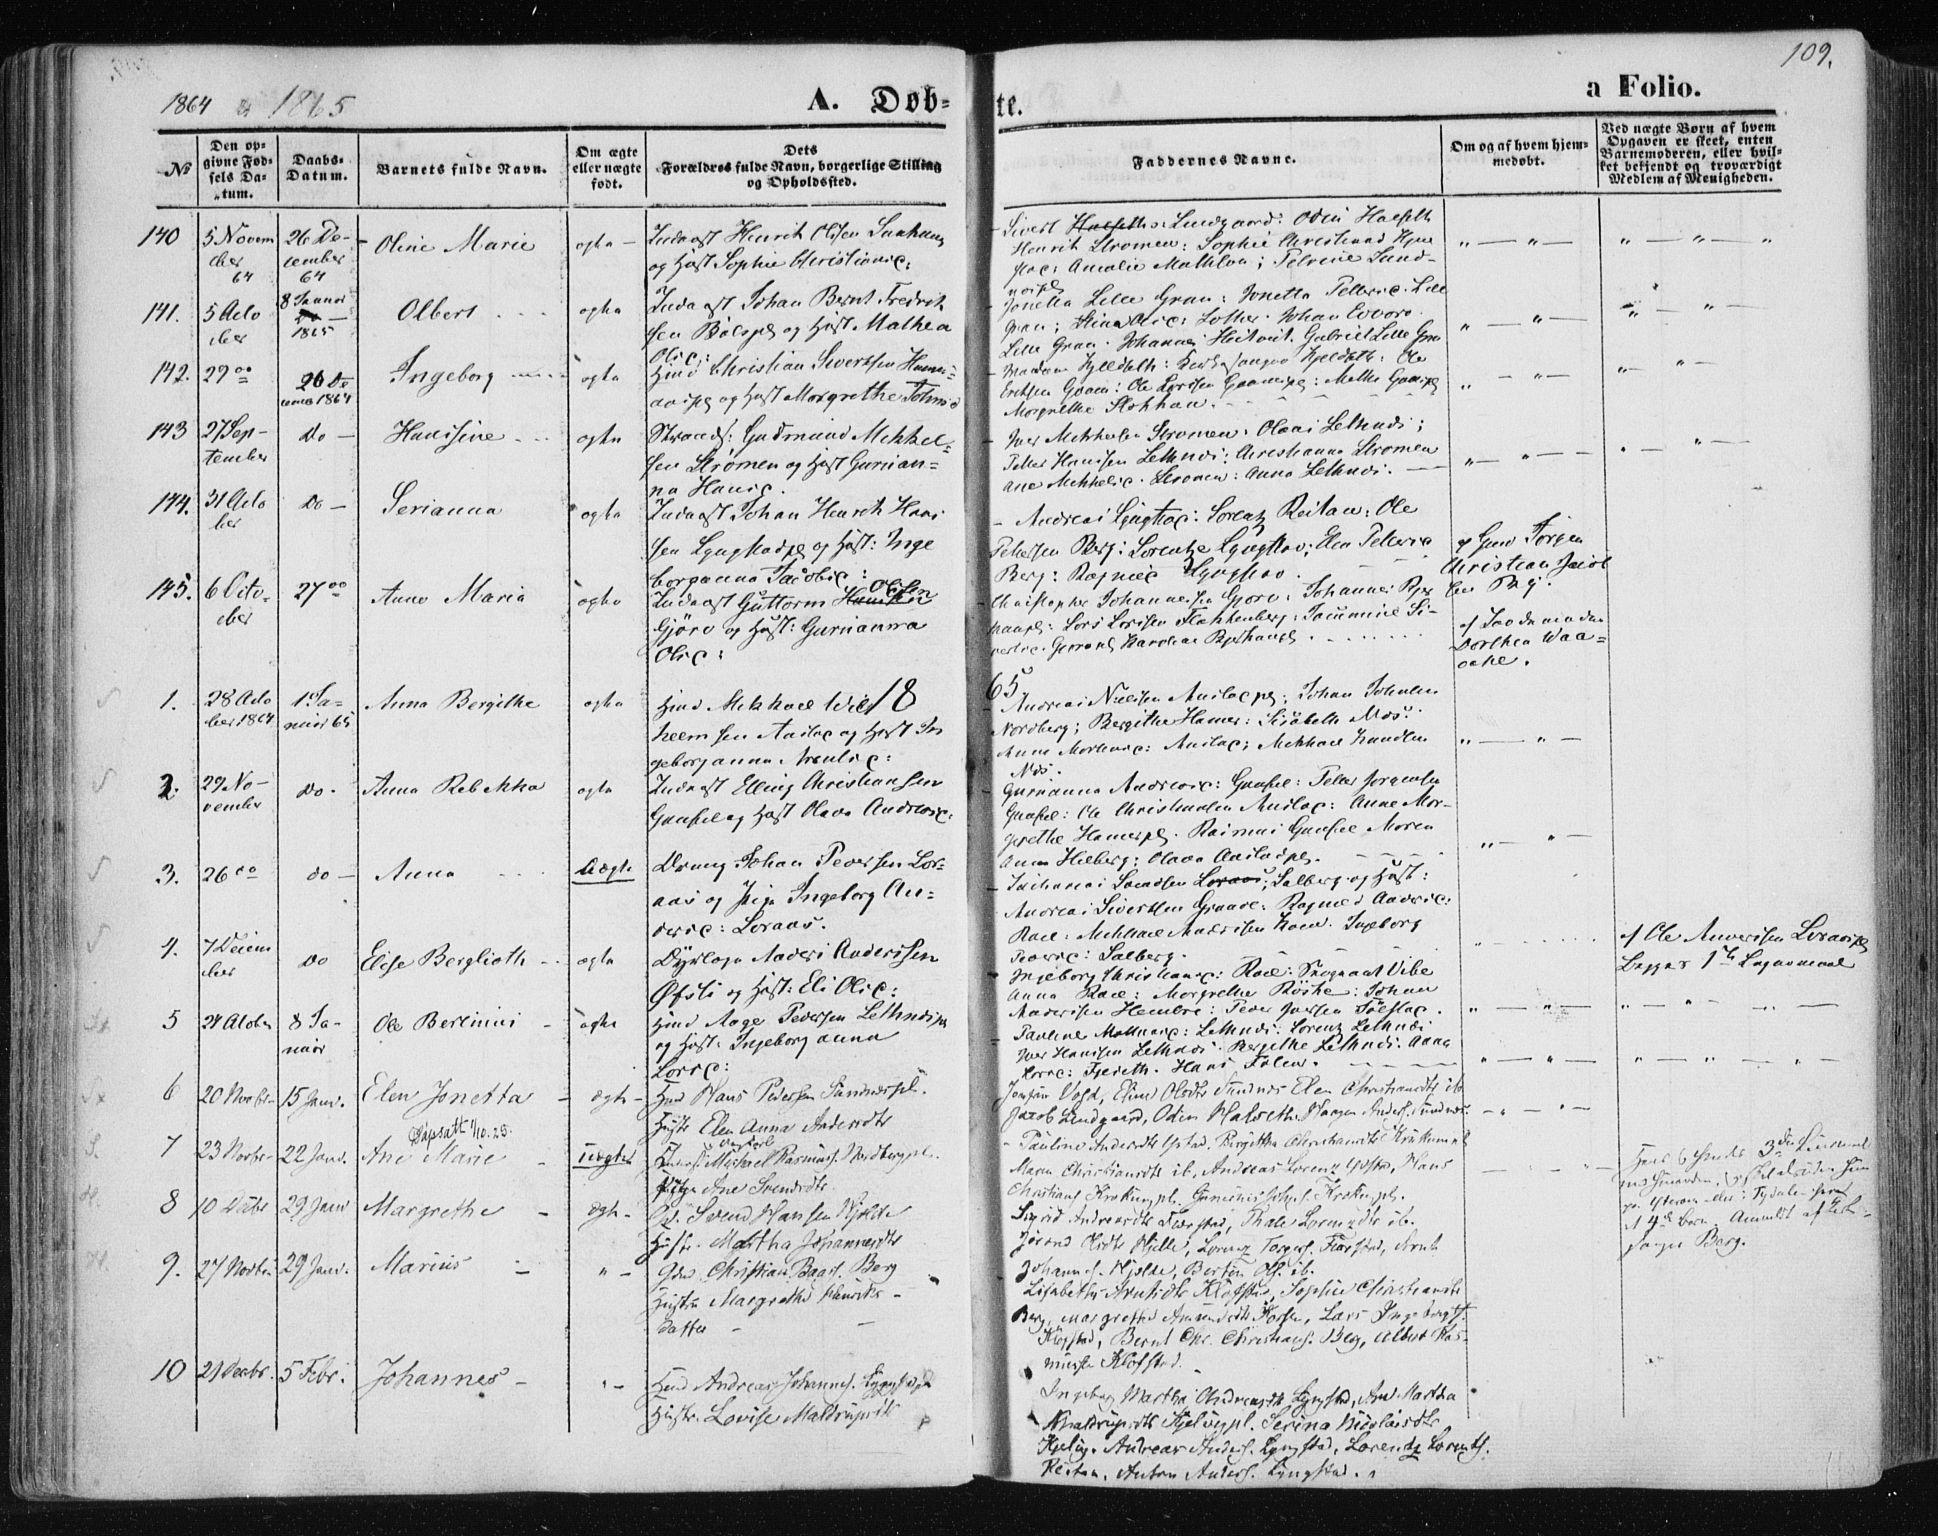 SAT, Ministerialprotokoller, klokkerbøker og fødselsregistre - Nord-Trøndelag, 730/L0283: Ministerialbok nr. 730A08, 1855-1865, s. 109